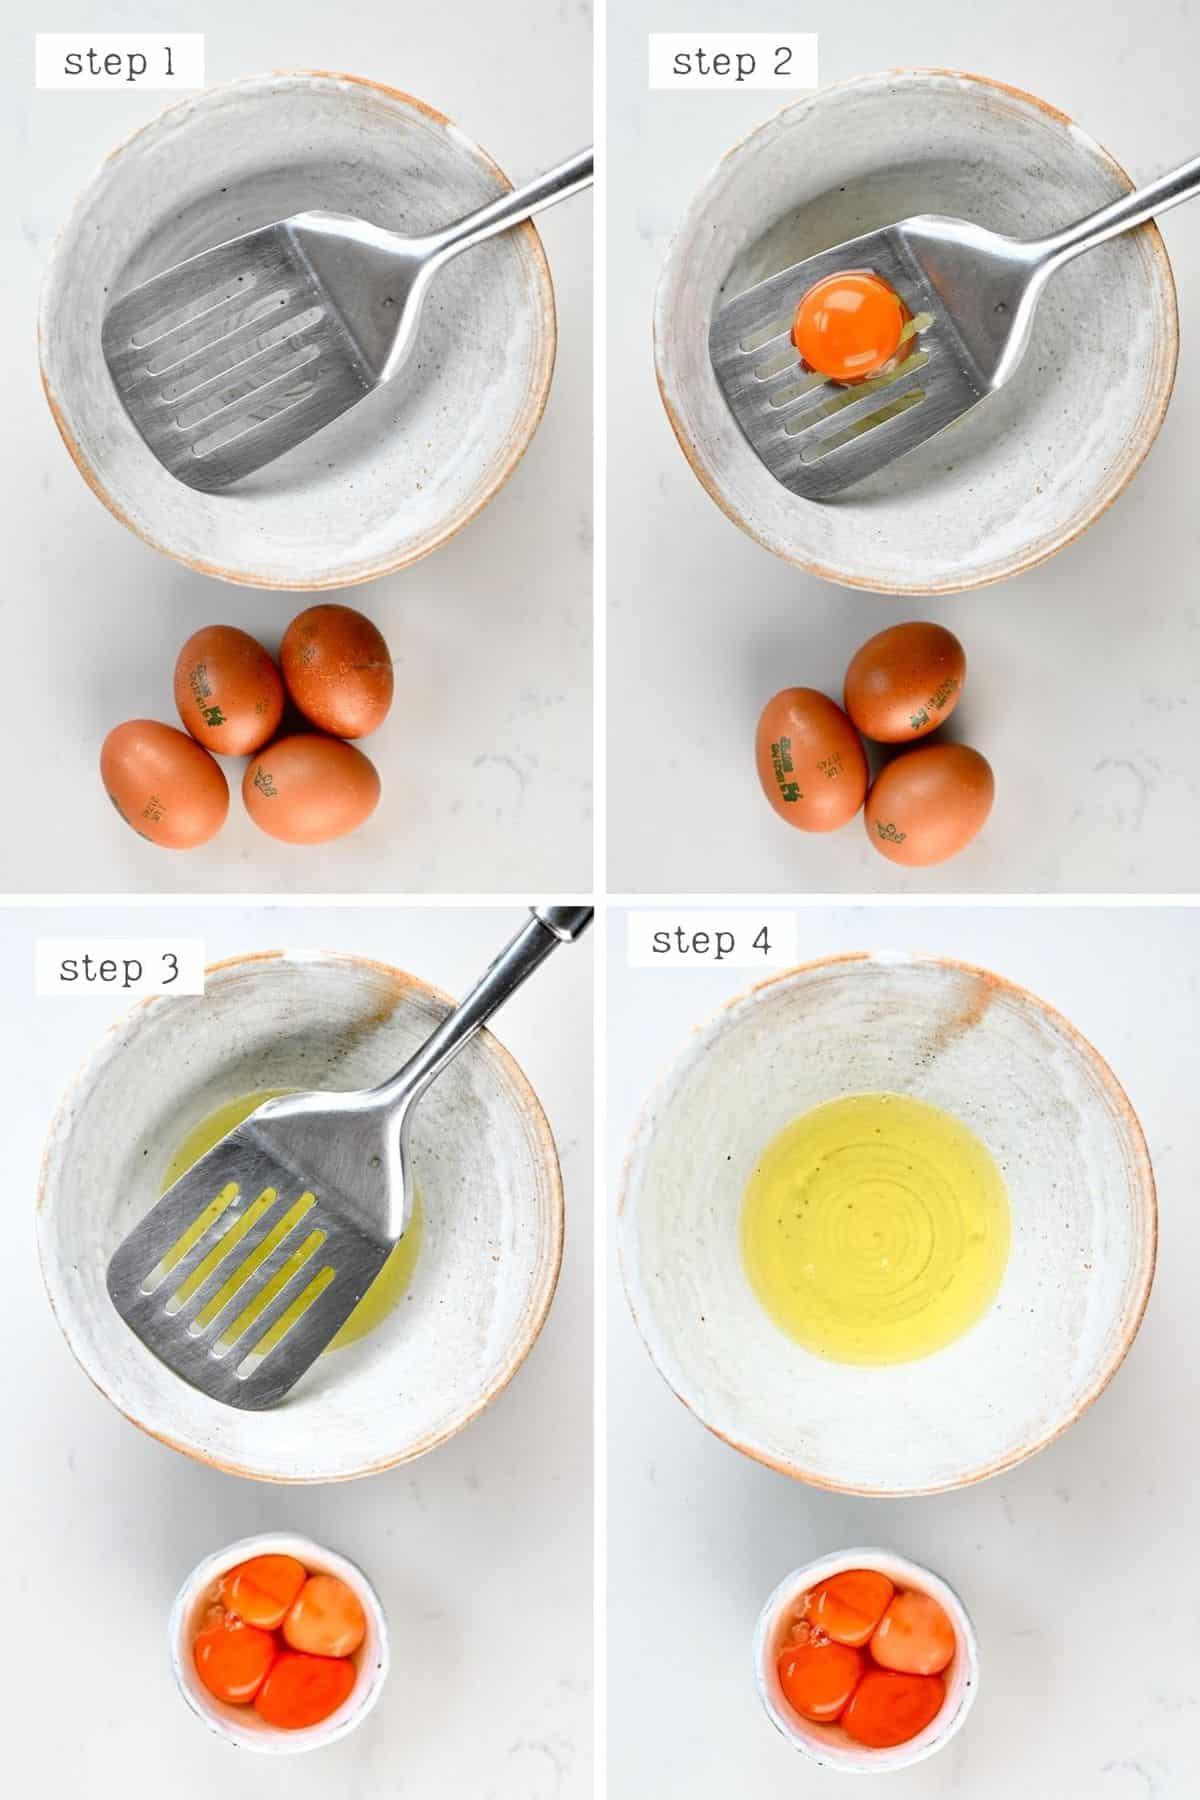 Steps for separating eggs